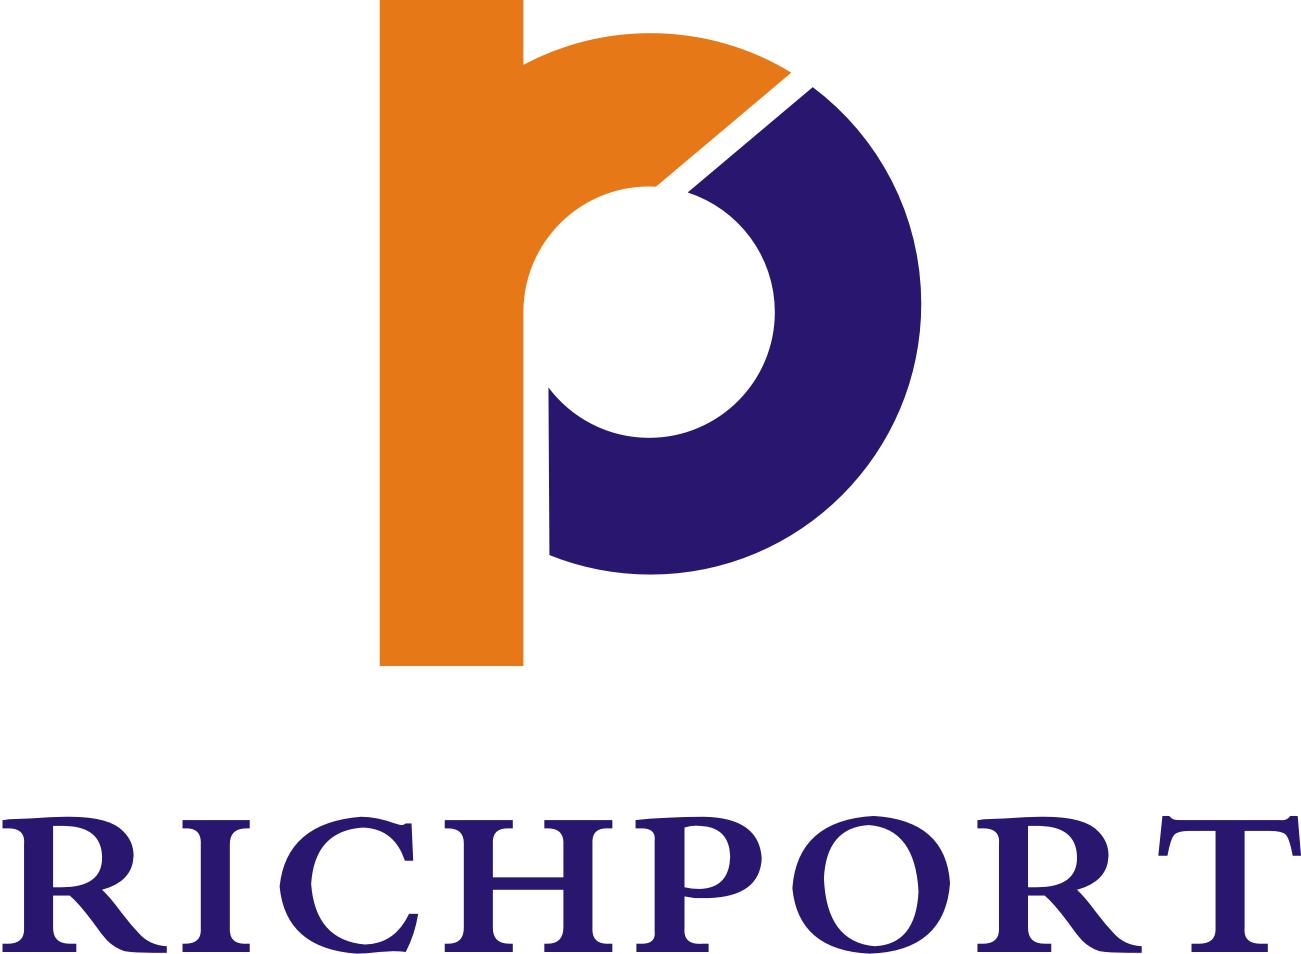 RICHPORTS DRESS